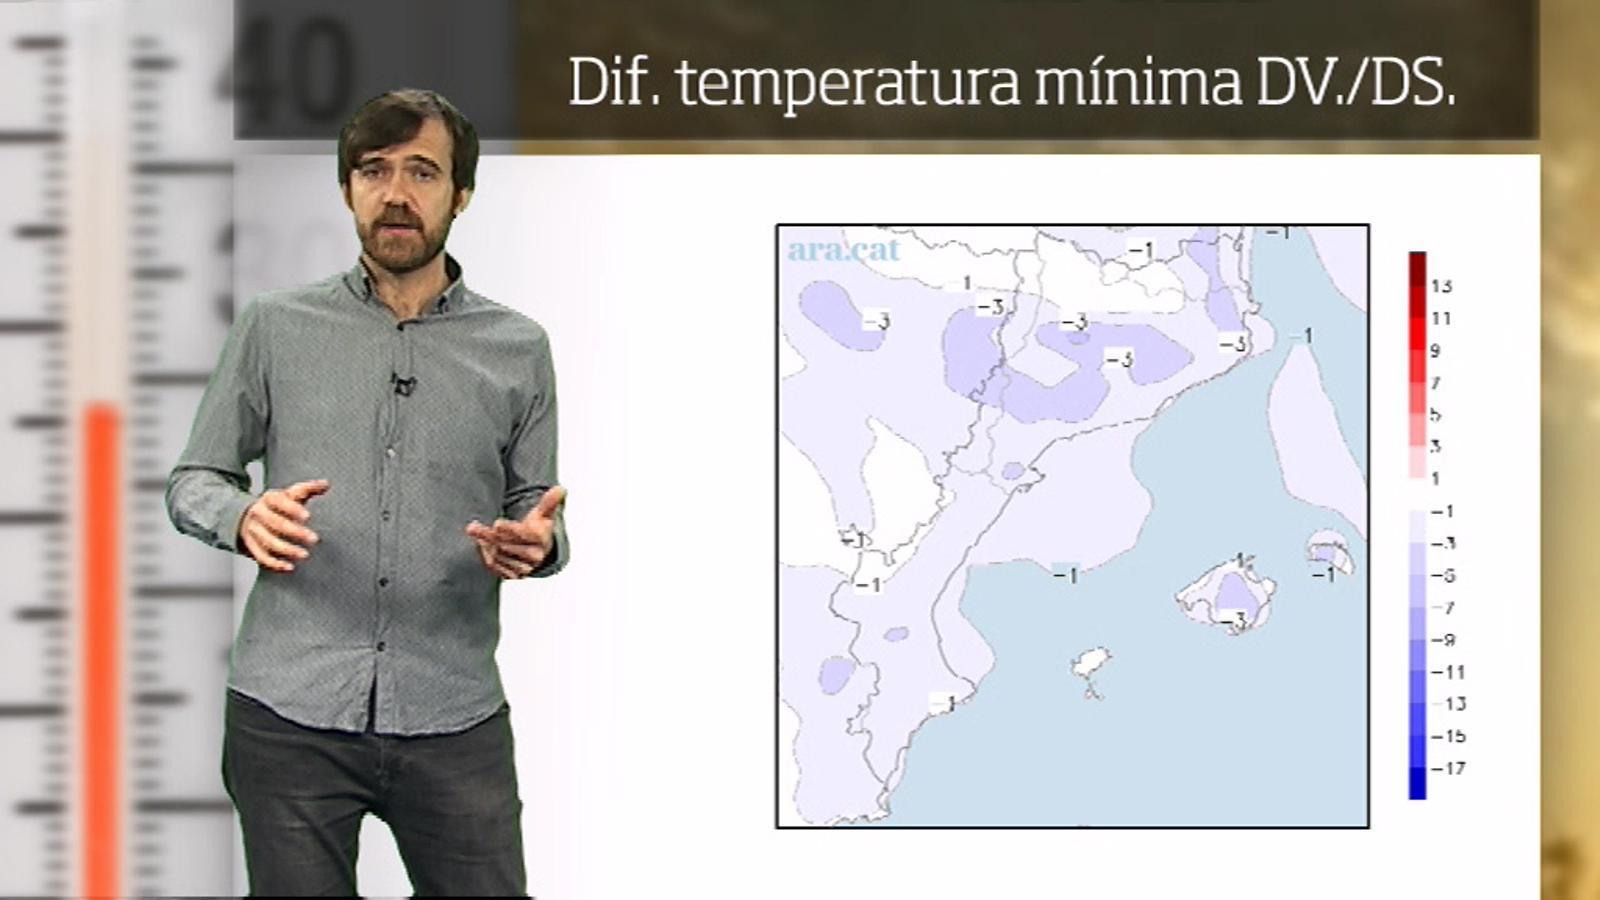 La méteo en 1 minut: cap de setmana més fred i amb millores en el temps